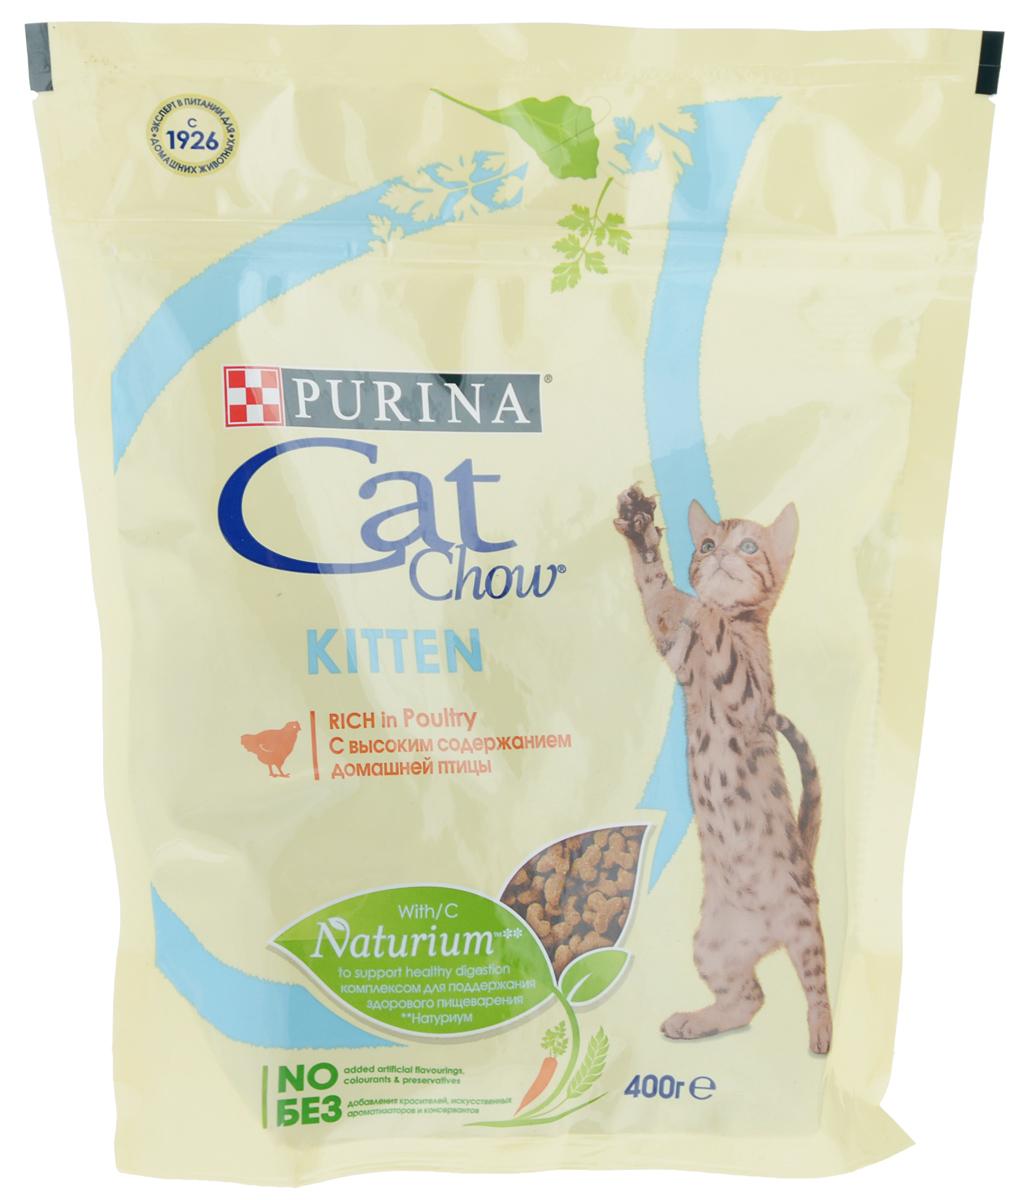 Корм сухой для котят Cat Chow Kitten, с домашней птицей, 400 г0120710Сухой корм Cat Chow Kitten - полнорационныйсбалансированный корм для котят.Рецептура с высоким содержанием домашней птицы имеетспециально отобранные по качеству источники протеина,чтобы удовлетворить естественные потребности кошек.Корм Cat Chow Kitten бережно приготовлен с натуральнымиингредиентами (петрушка, шпинат, морковь, цельные зерназлаков, цикорий и дрожжи) для придания особого аромата,который кошки выбирают инстинктивно.Комплекс Naturium в кормах Cat Chow - это особое сочетание волокон природного происхождения. Он включает источник натурального пребиотика, который, как было доказано, улучшает баланс микрофлоры кишечника и поддерживает здоровье пищеварительной системы кошки. Это позволяет ей питаться с большей пользой. Включает омега-3 жирную кислоту, которая естественно содержится в материнском молоке и помогает поддерживать развитие мозга и зрения вашего котенка.Корм без добавления красителей, искусственных ароматизаторов и консервантов.Товар сертифицирован.